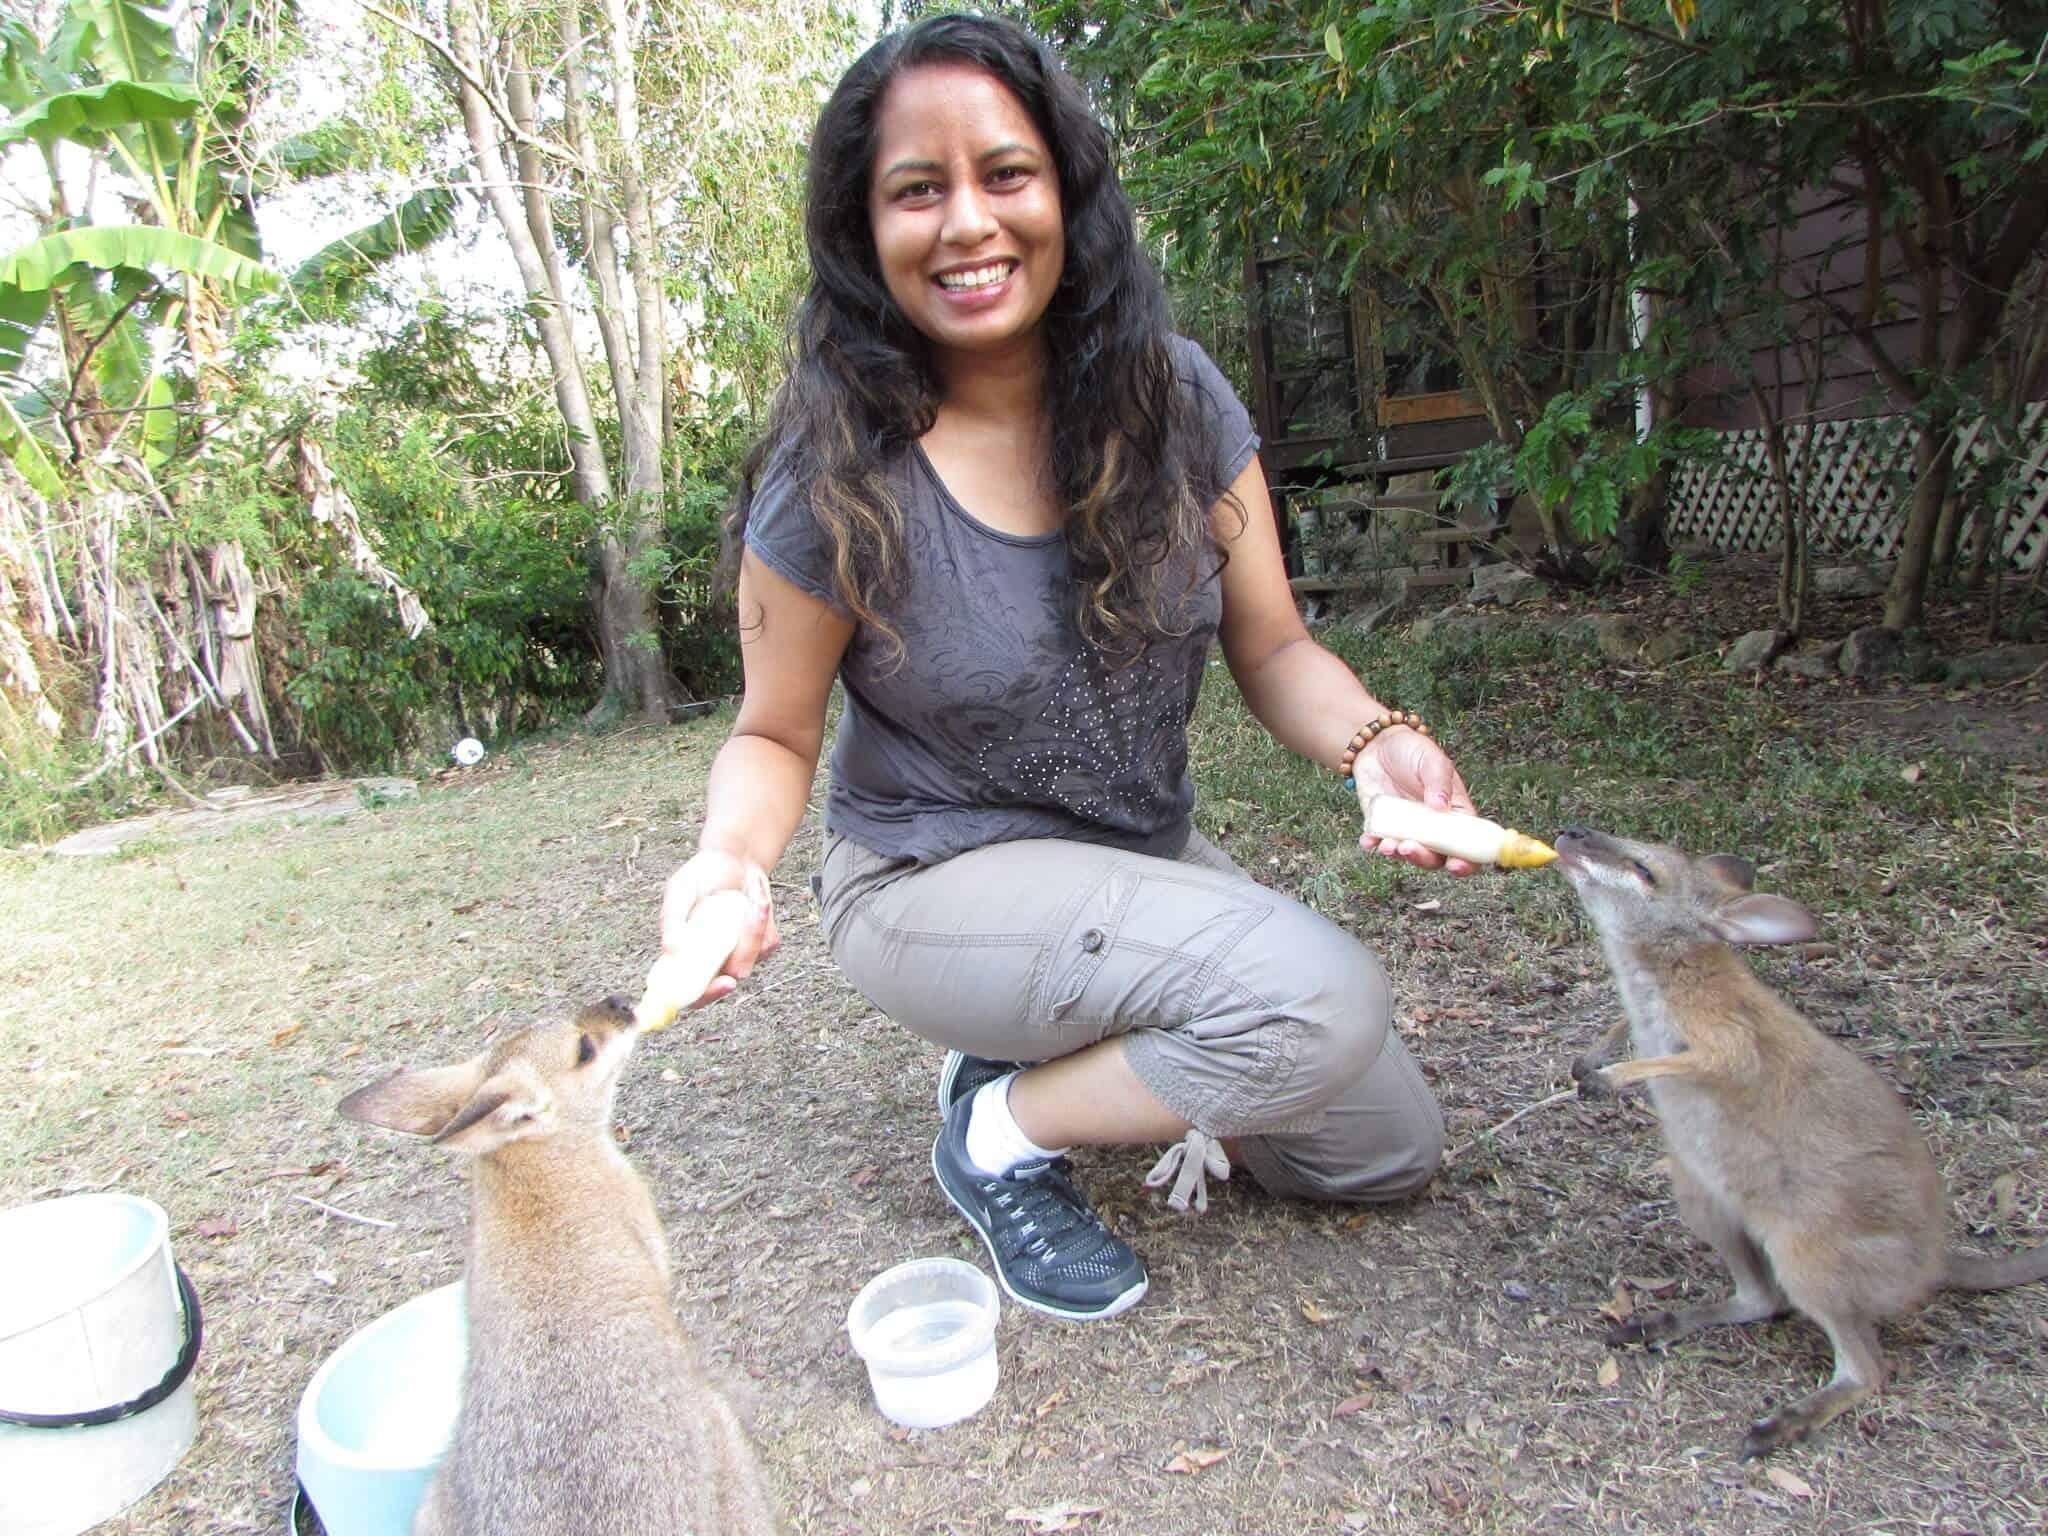 Volunteering at a Kangaroo Sanctuary - feeding baby wallabies